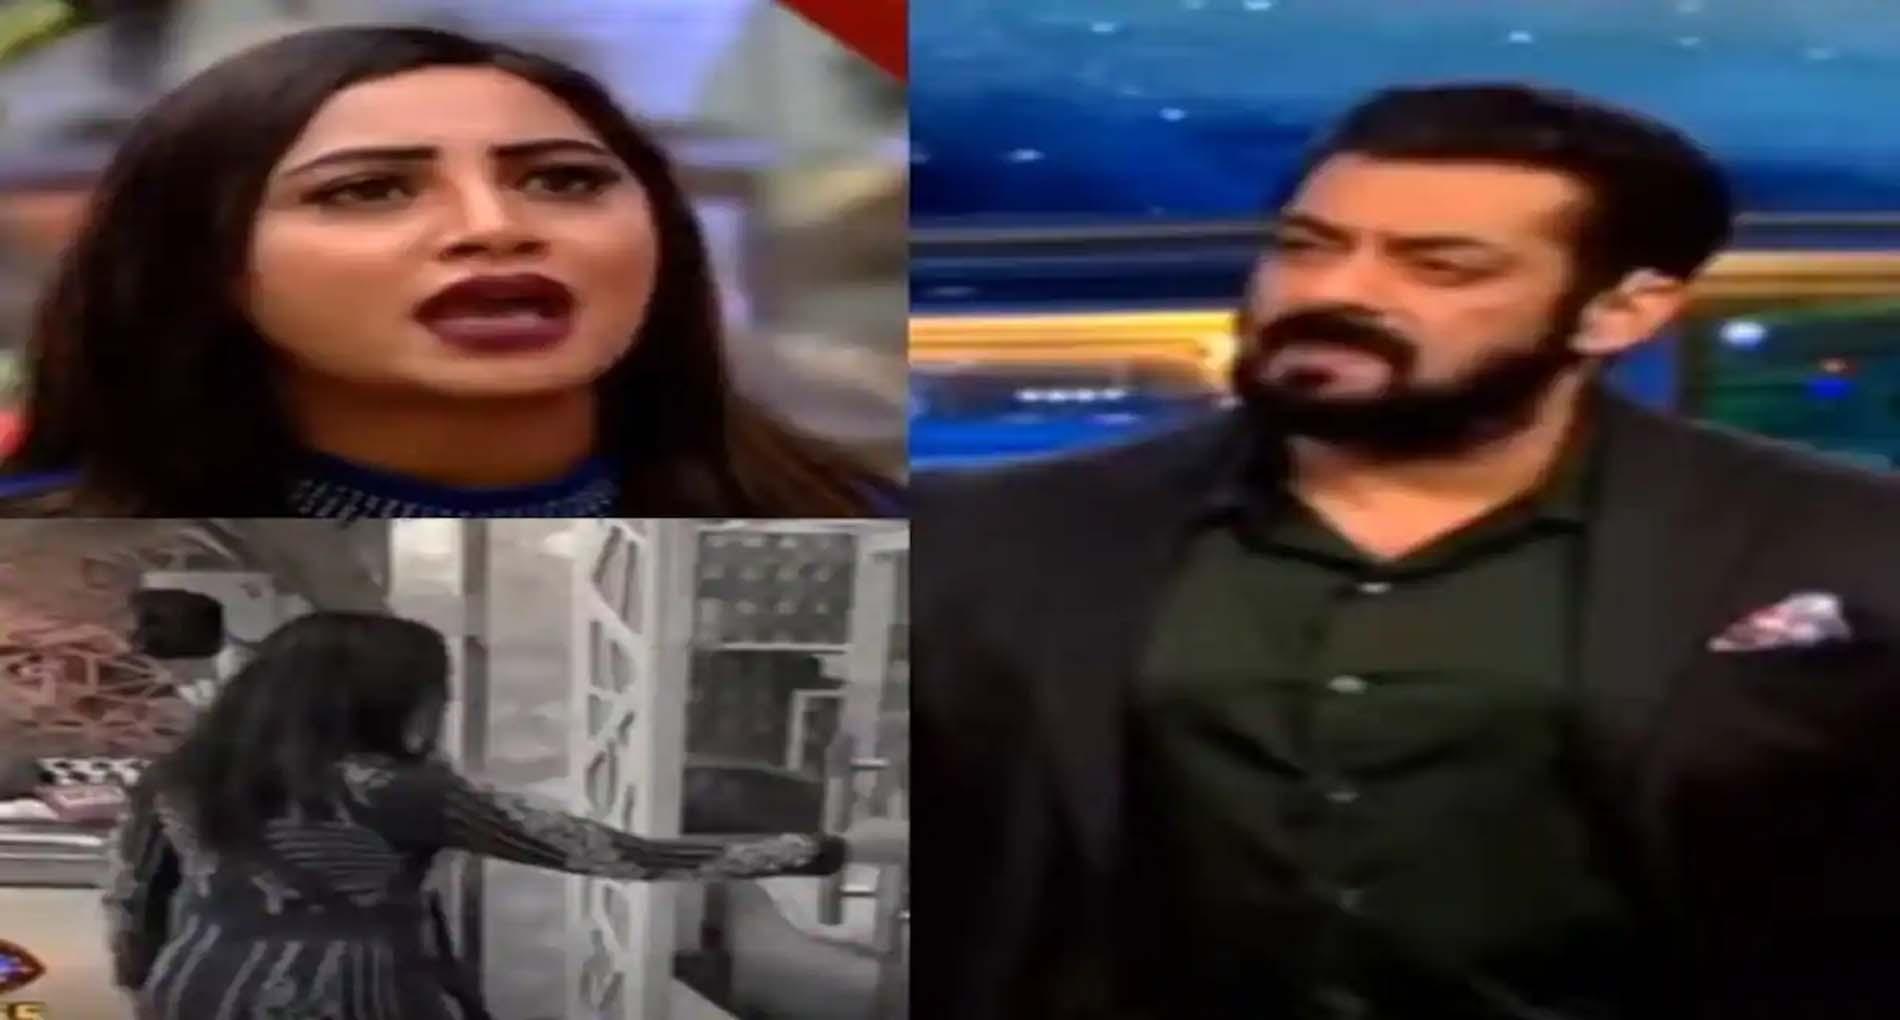 Bigg Boss 14: सलमान खान की फटकार से निकले अर्शी खान के आंसू, घर छोड़ने की आई नौबत!